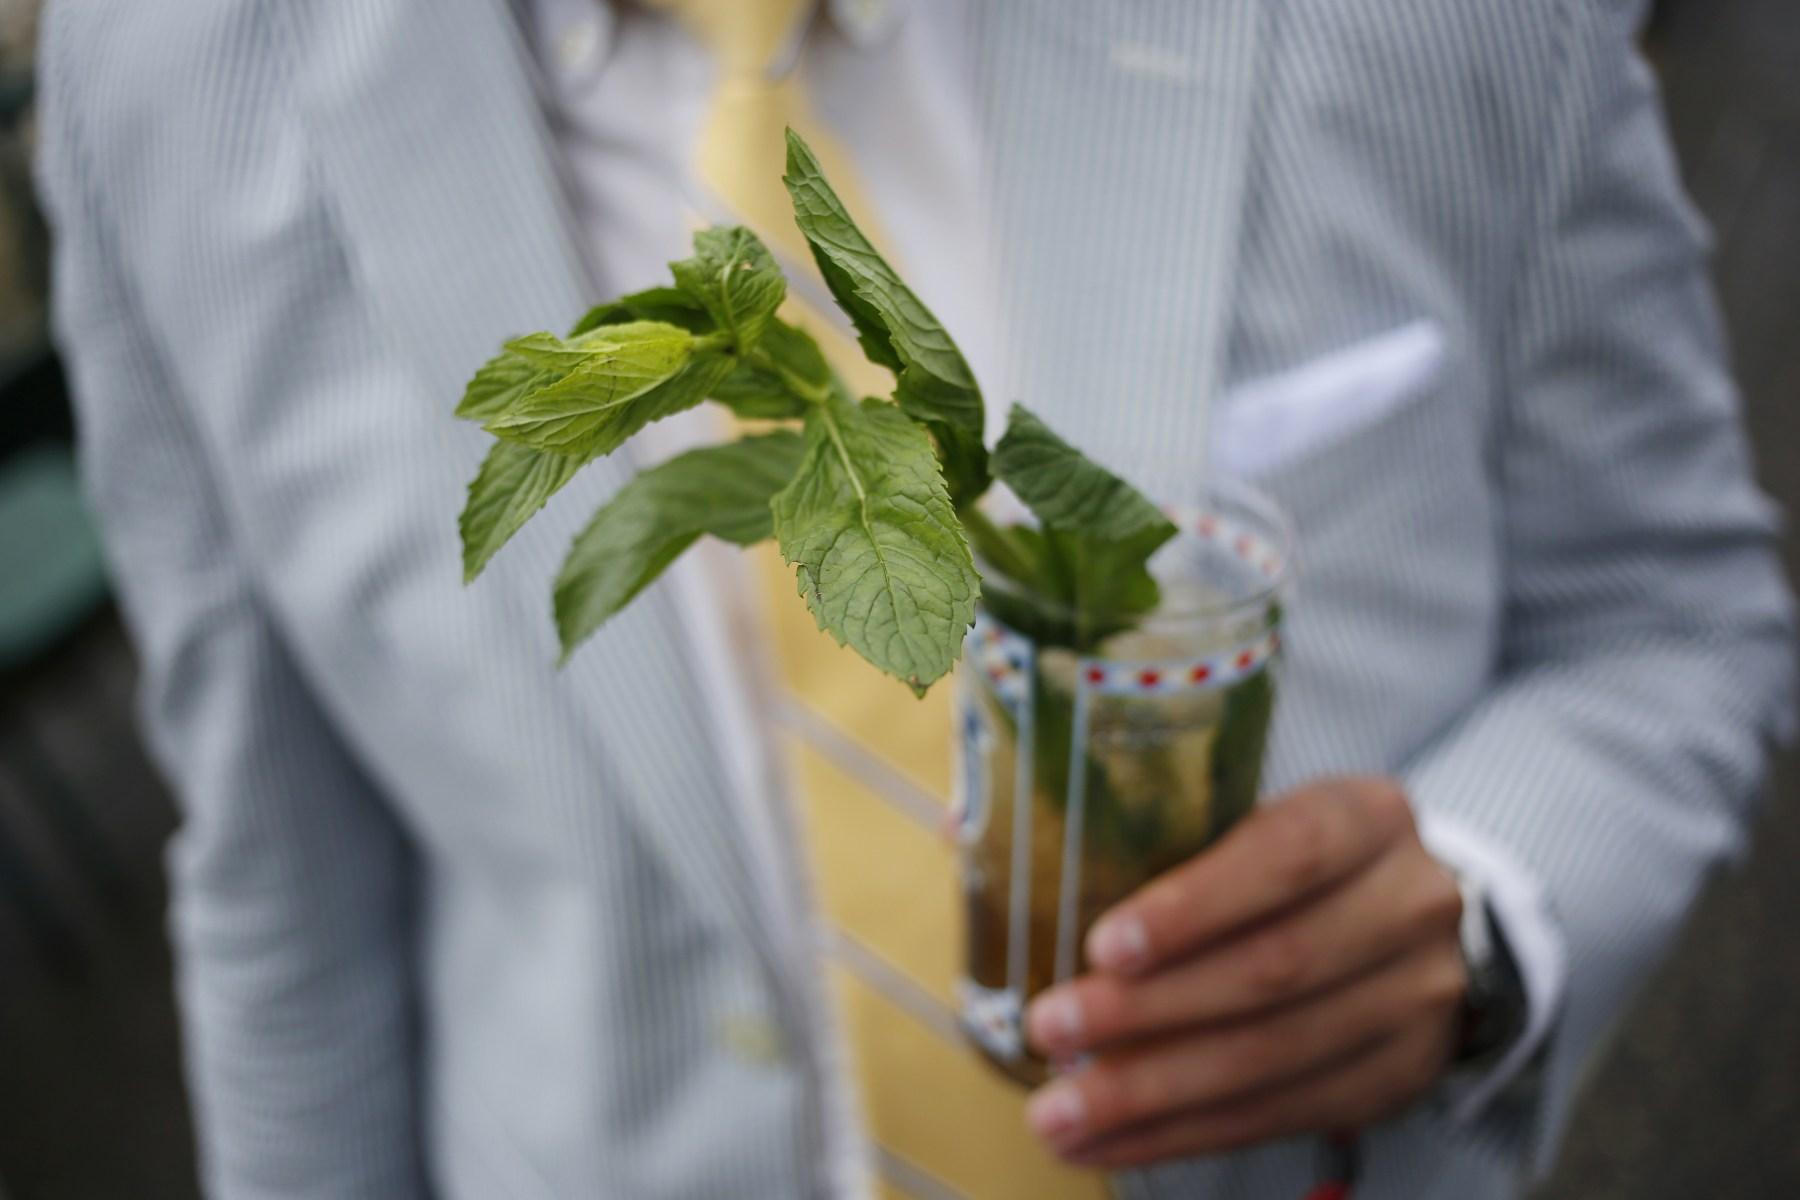 A racegoer holds a mint julep via Getty Images